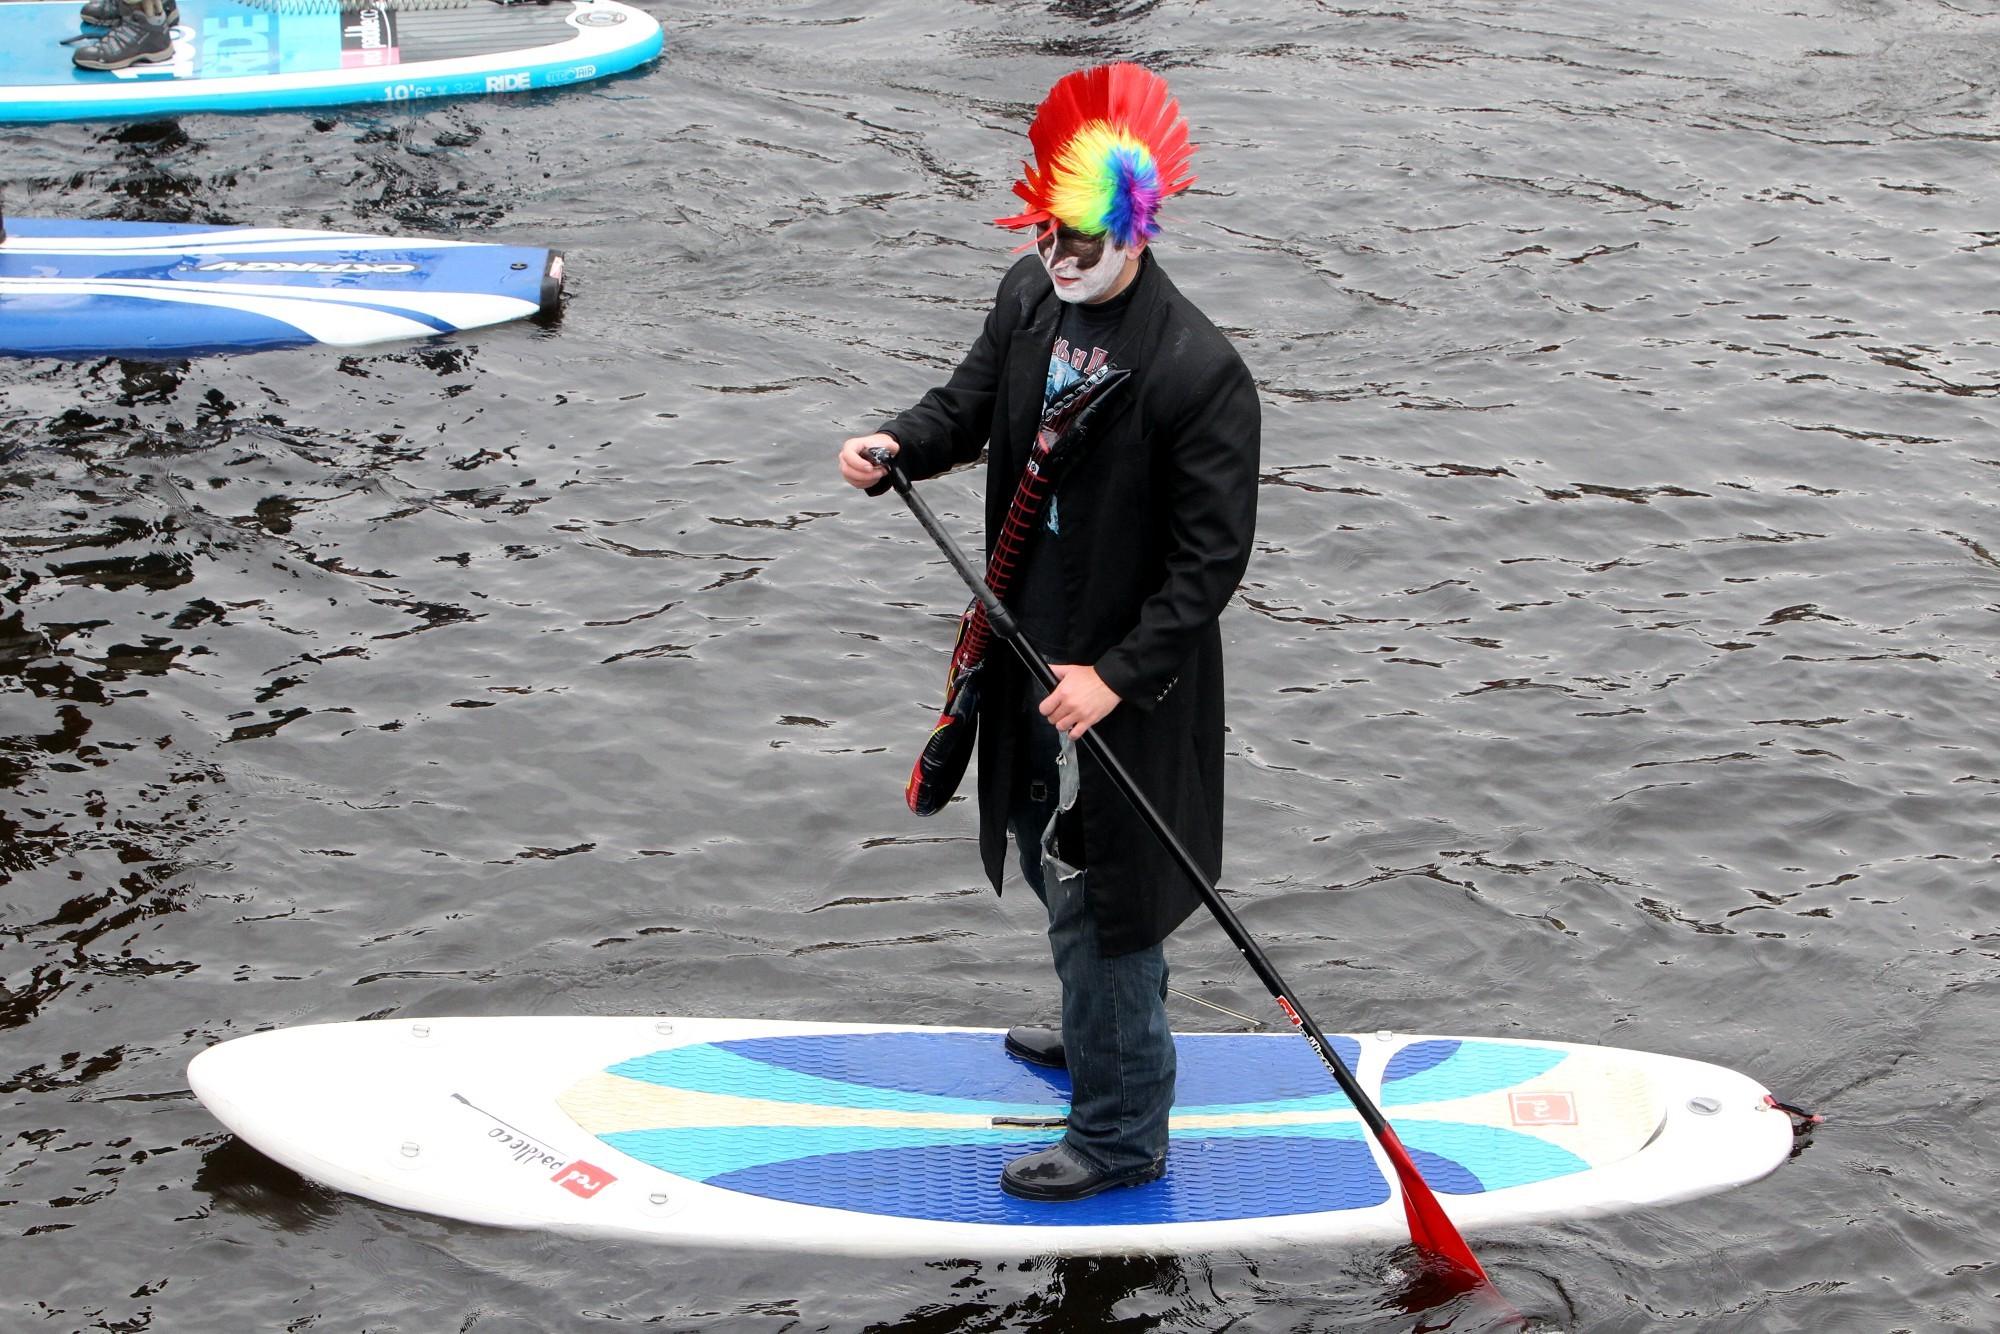 фестиваль sup серфинга канал грибоедова водные виды спорта панки